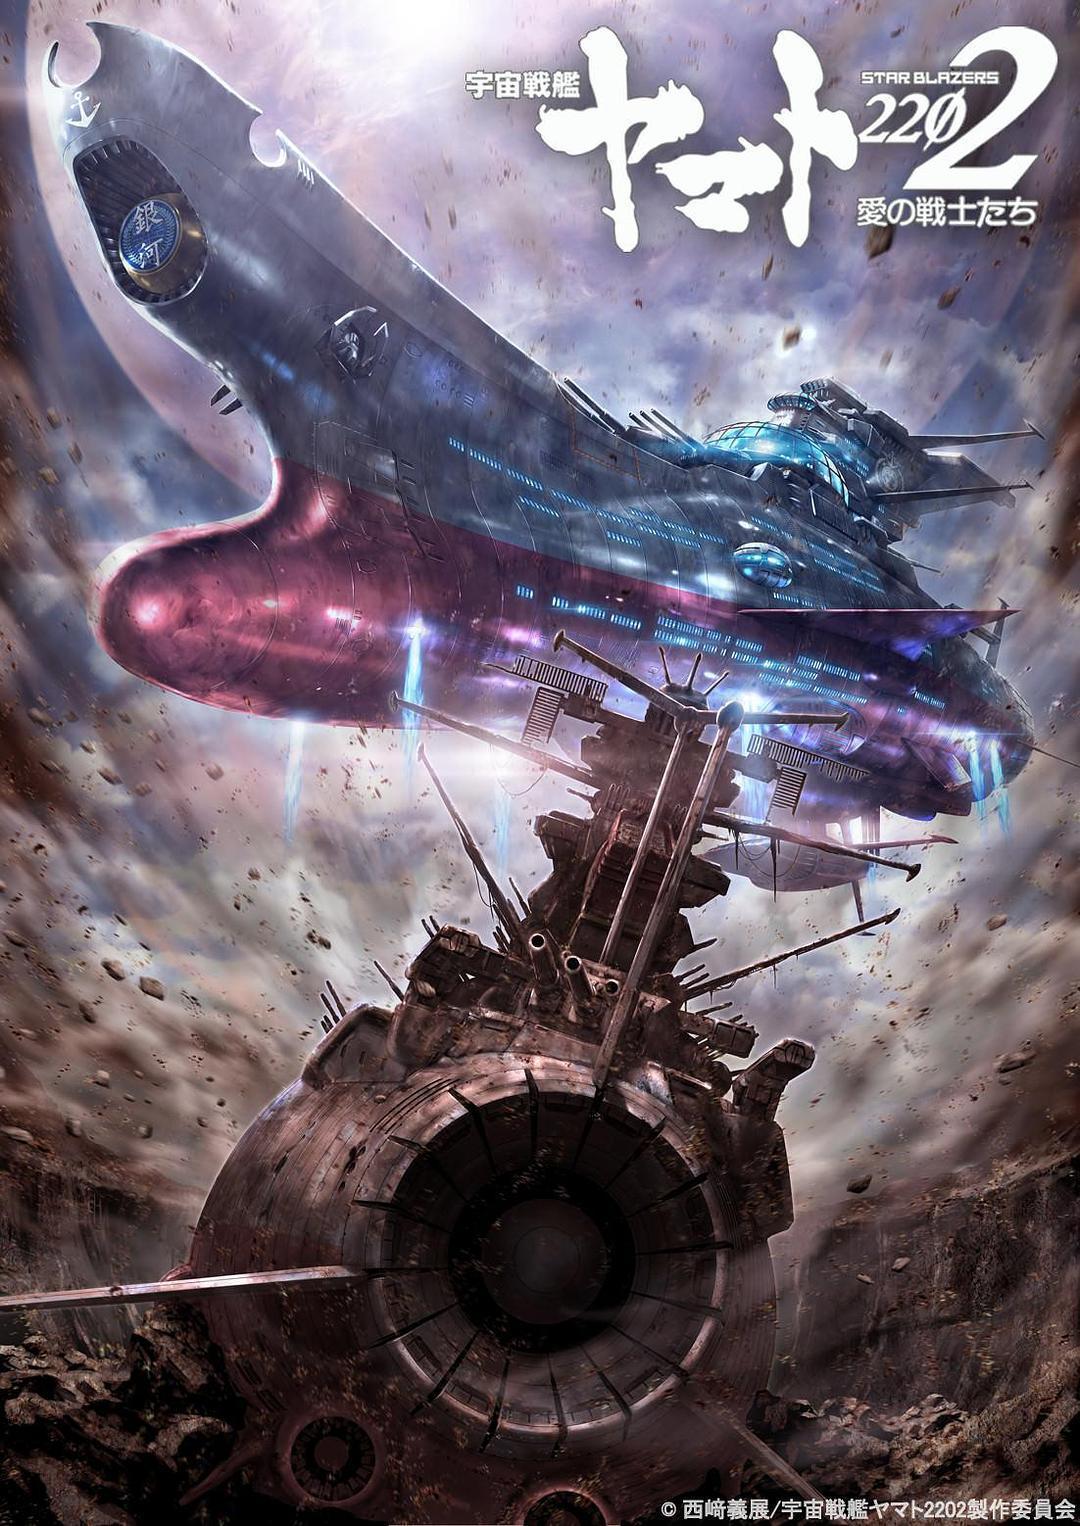 宇宙战舰大和号2202 爱的战士们 第六章